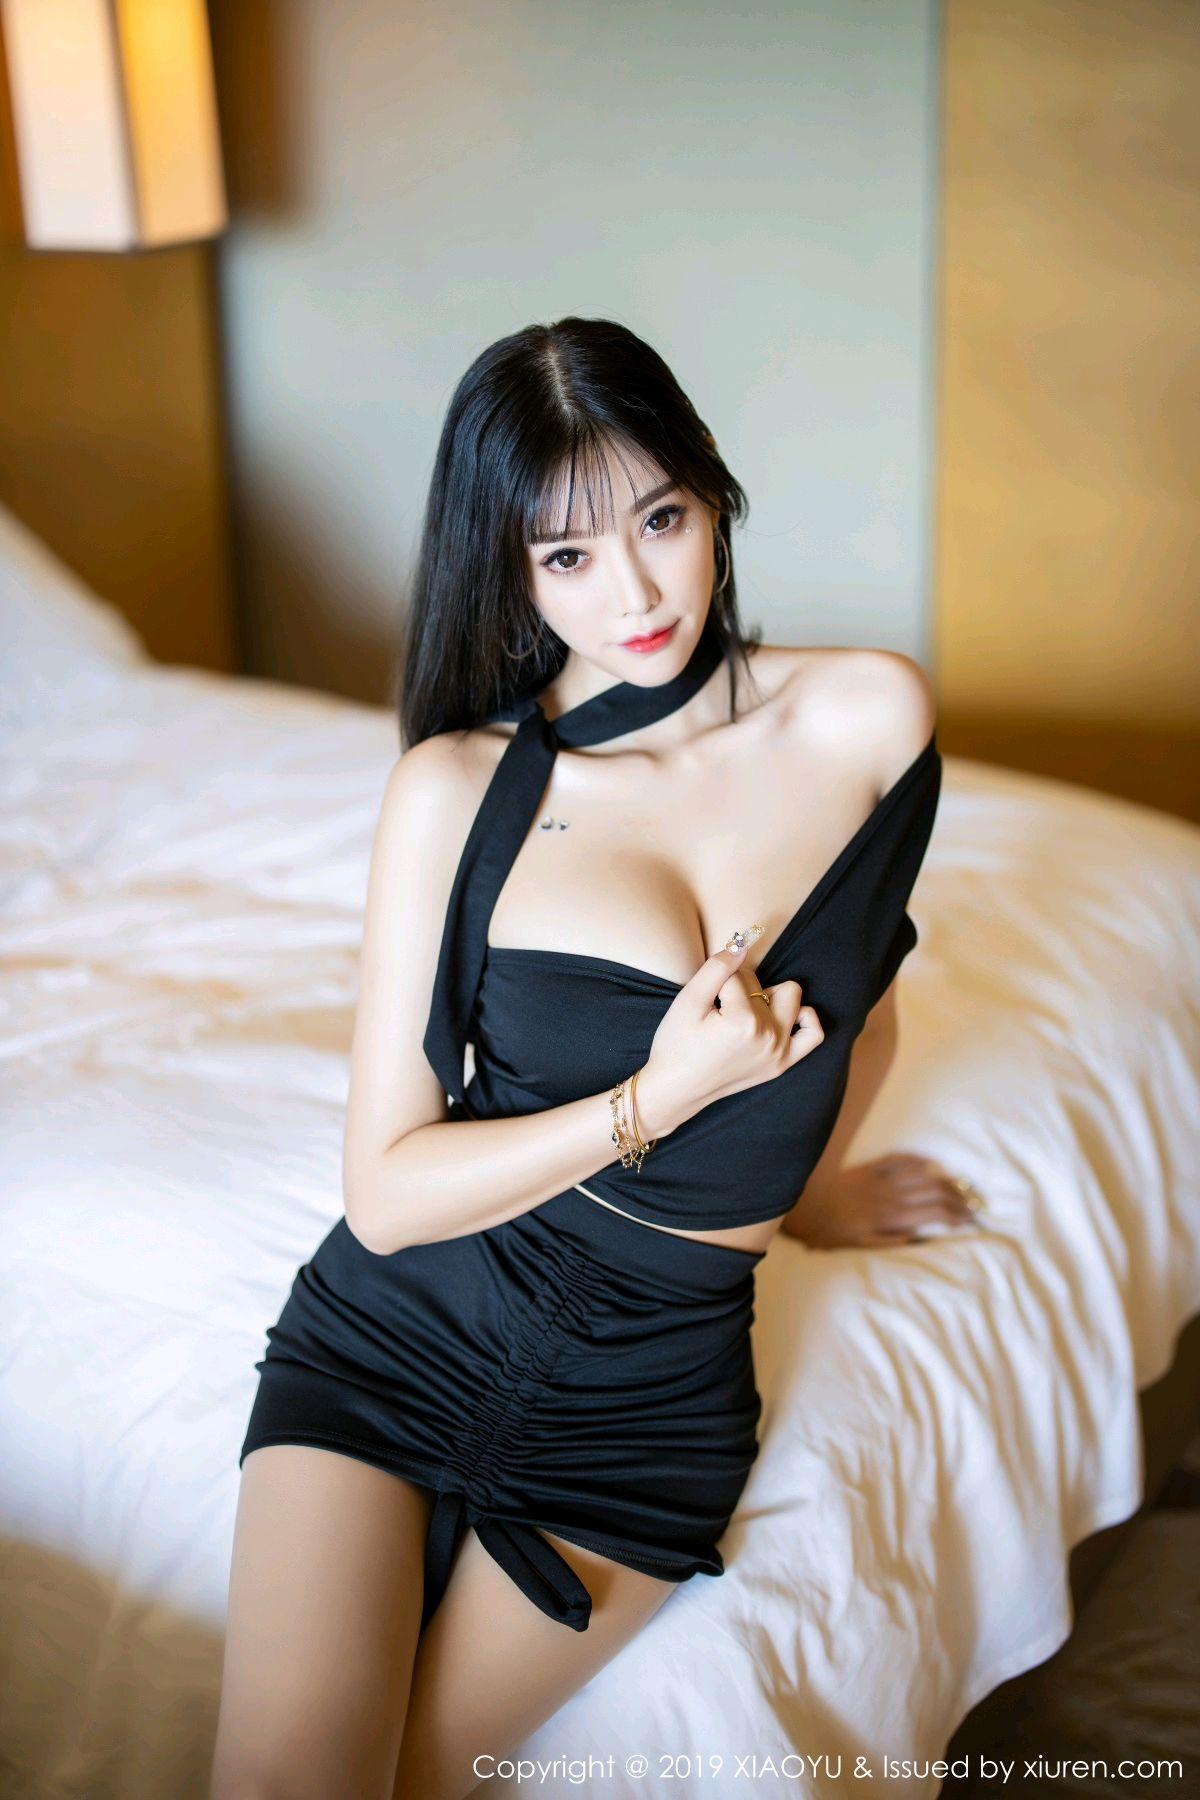 [XiaoYu] Vol.134 Yang Chen Chen 13P, Tall, Underwear, XiaoYu, Yang Chen Chen